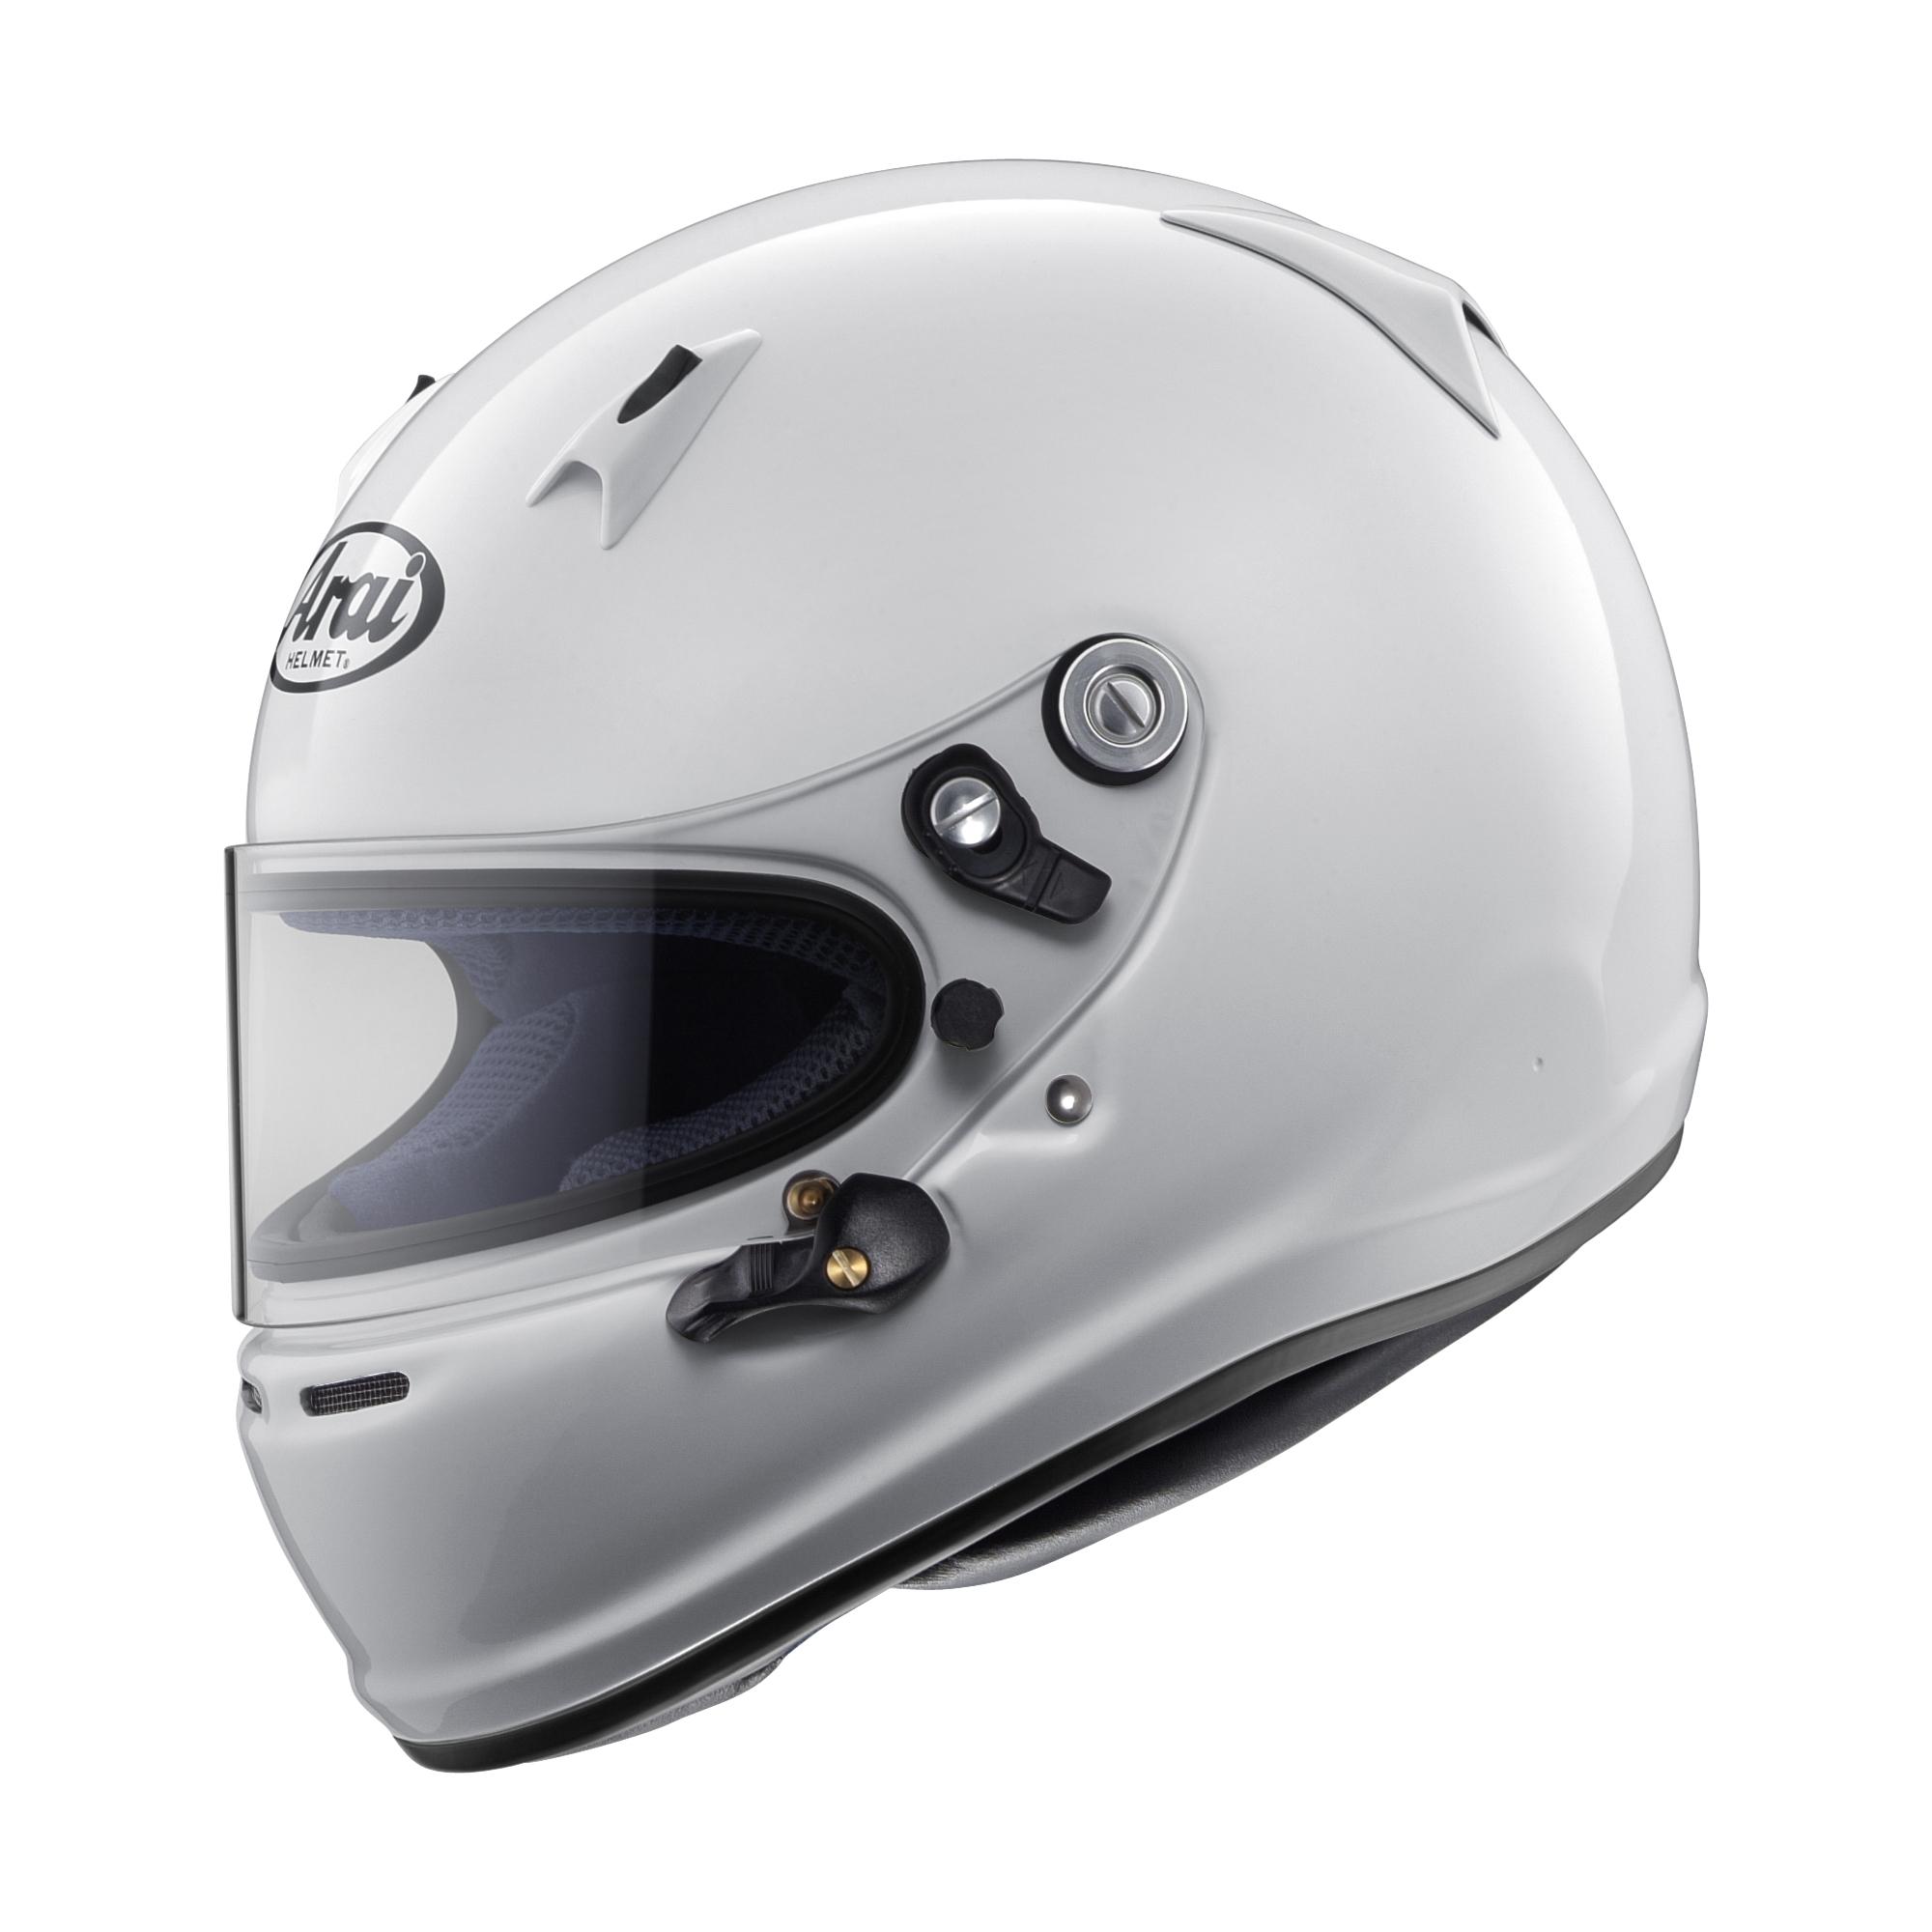 Arai Helmet 685311143563 Helmet, SK-6, Snell K 2015, White, Large, Each